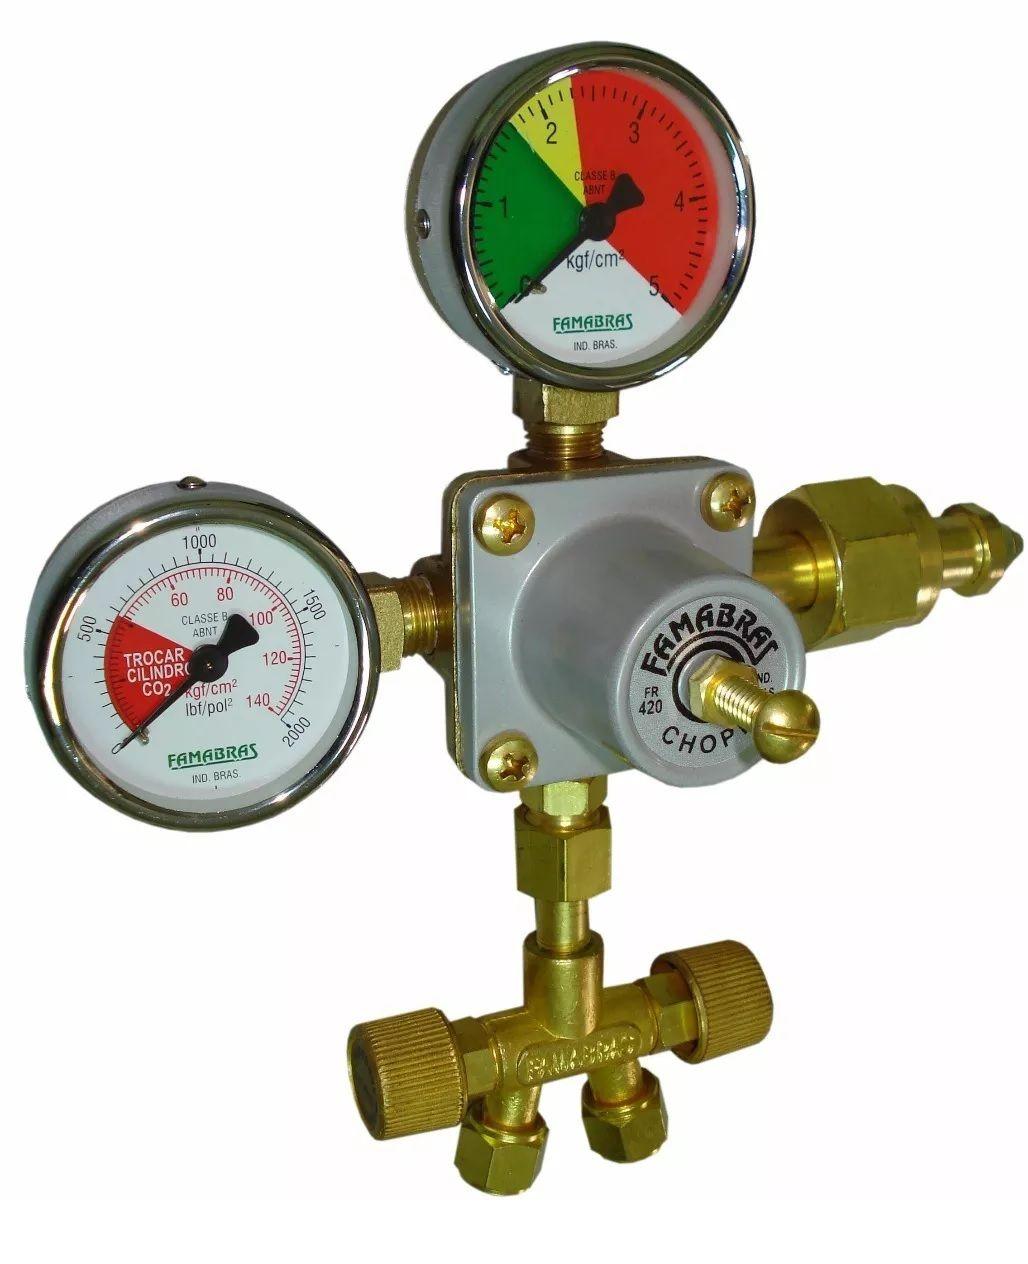 Regulador De Pressão Para Chopeiras - Famabras Fr-420A/FSA